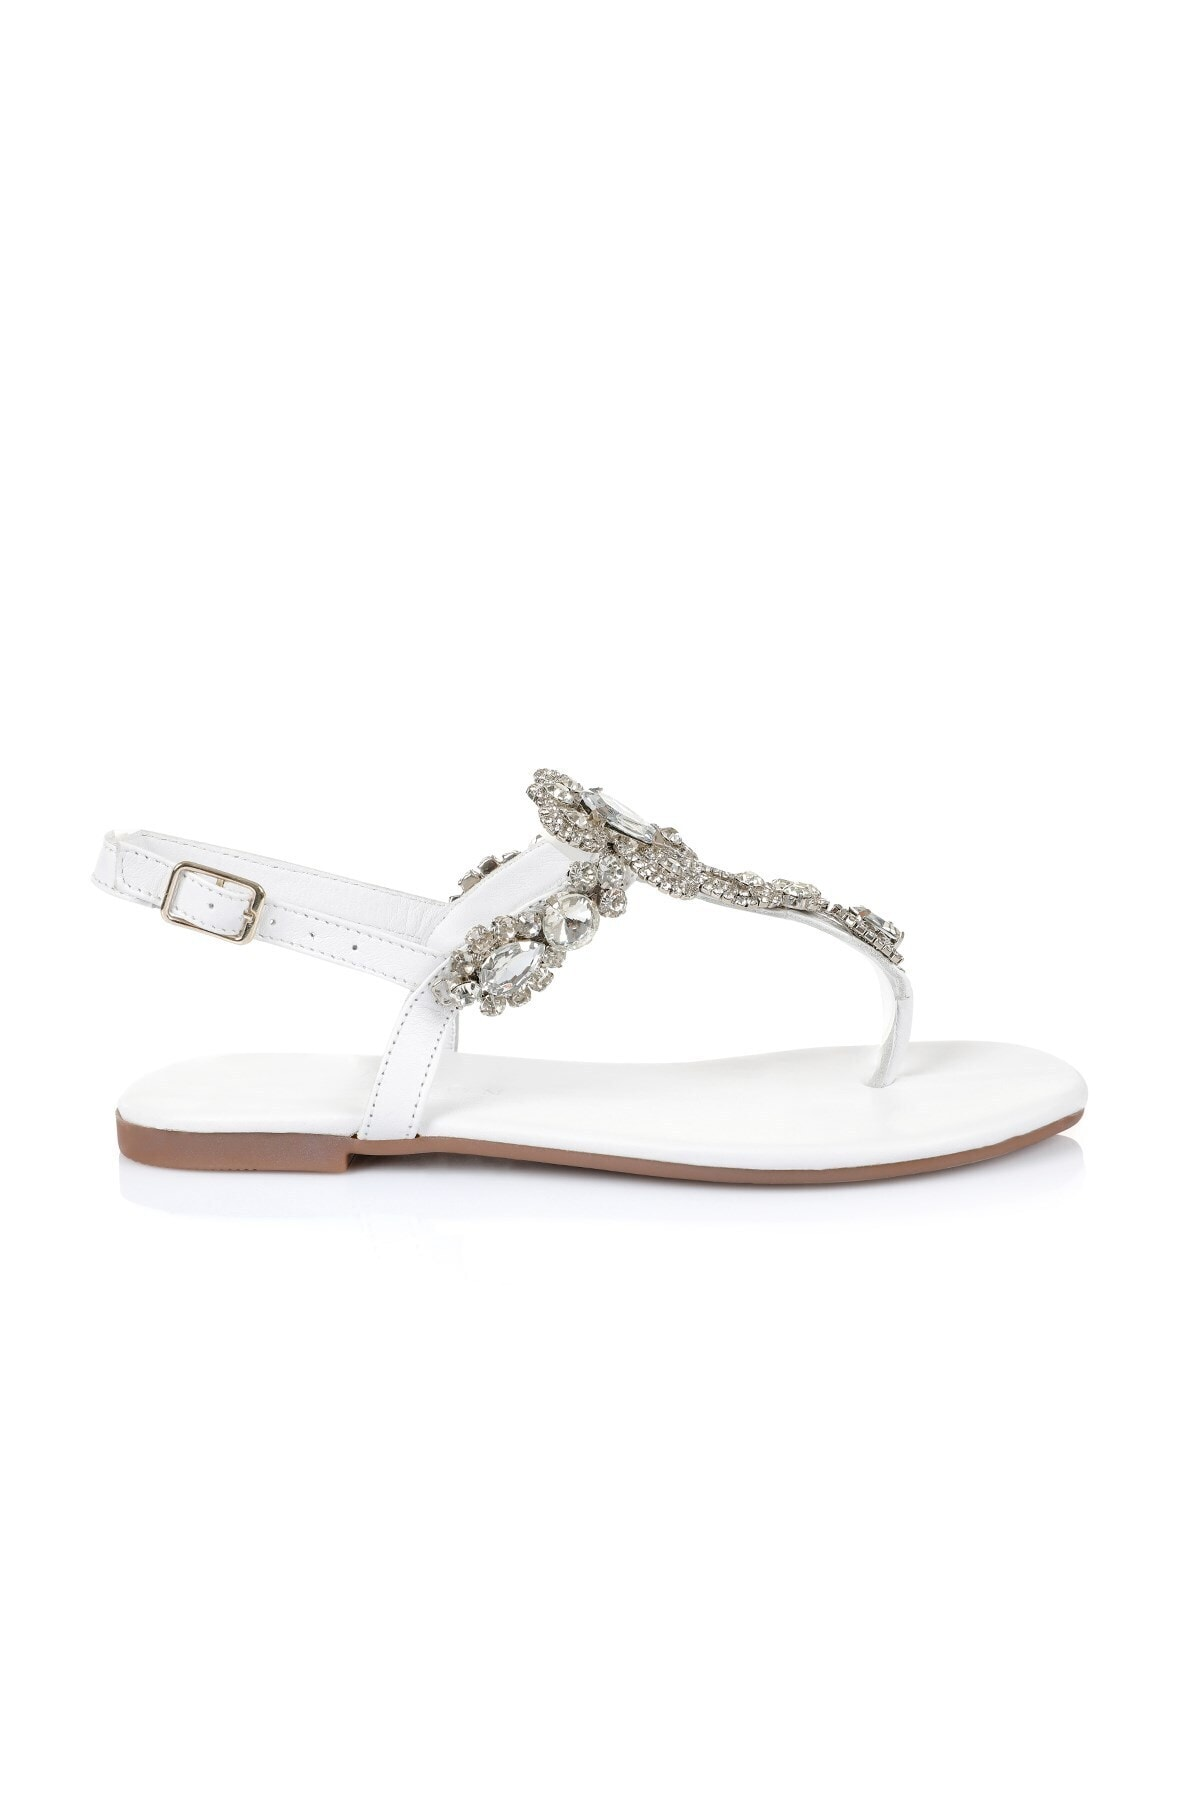 Oblavion Lavin Hakiki Deri Beyaz Taşlı Sandalet 1